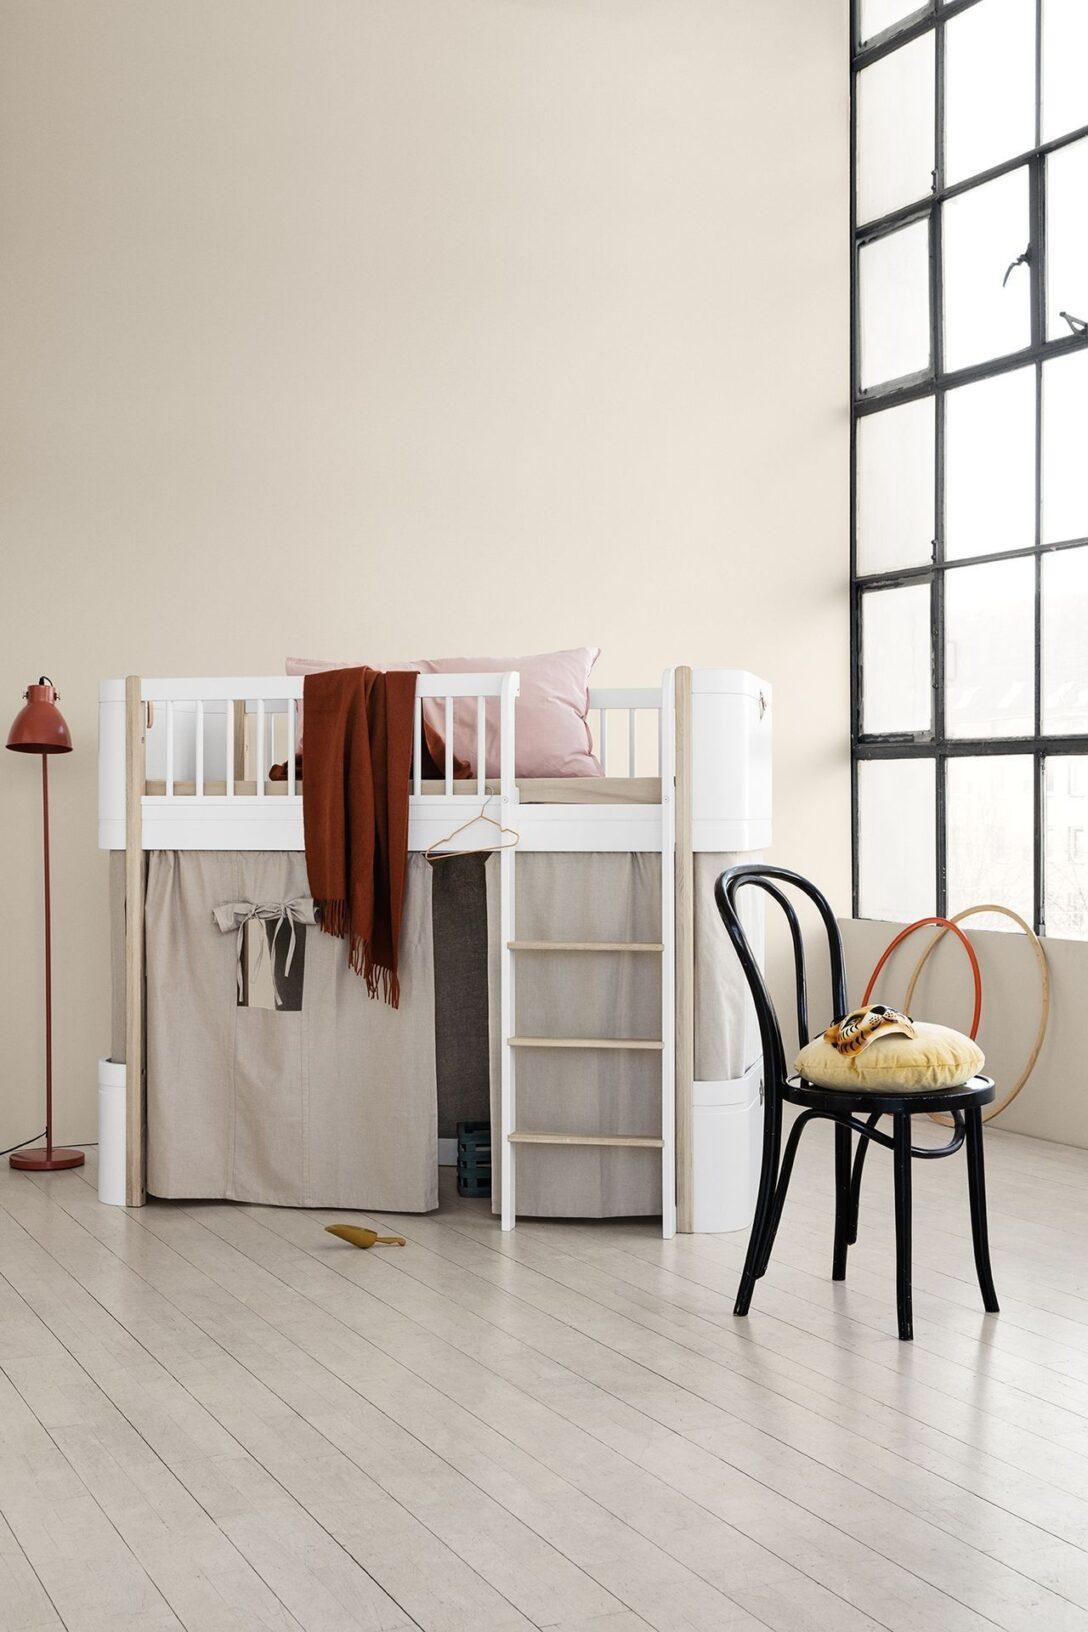 Large Size of Halbhohes Hochbett Oliver Furniture Wood Mini Wei Eiche Bett Wohnzimmer Halbhohes Hochbett